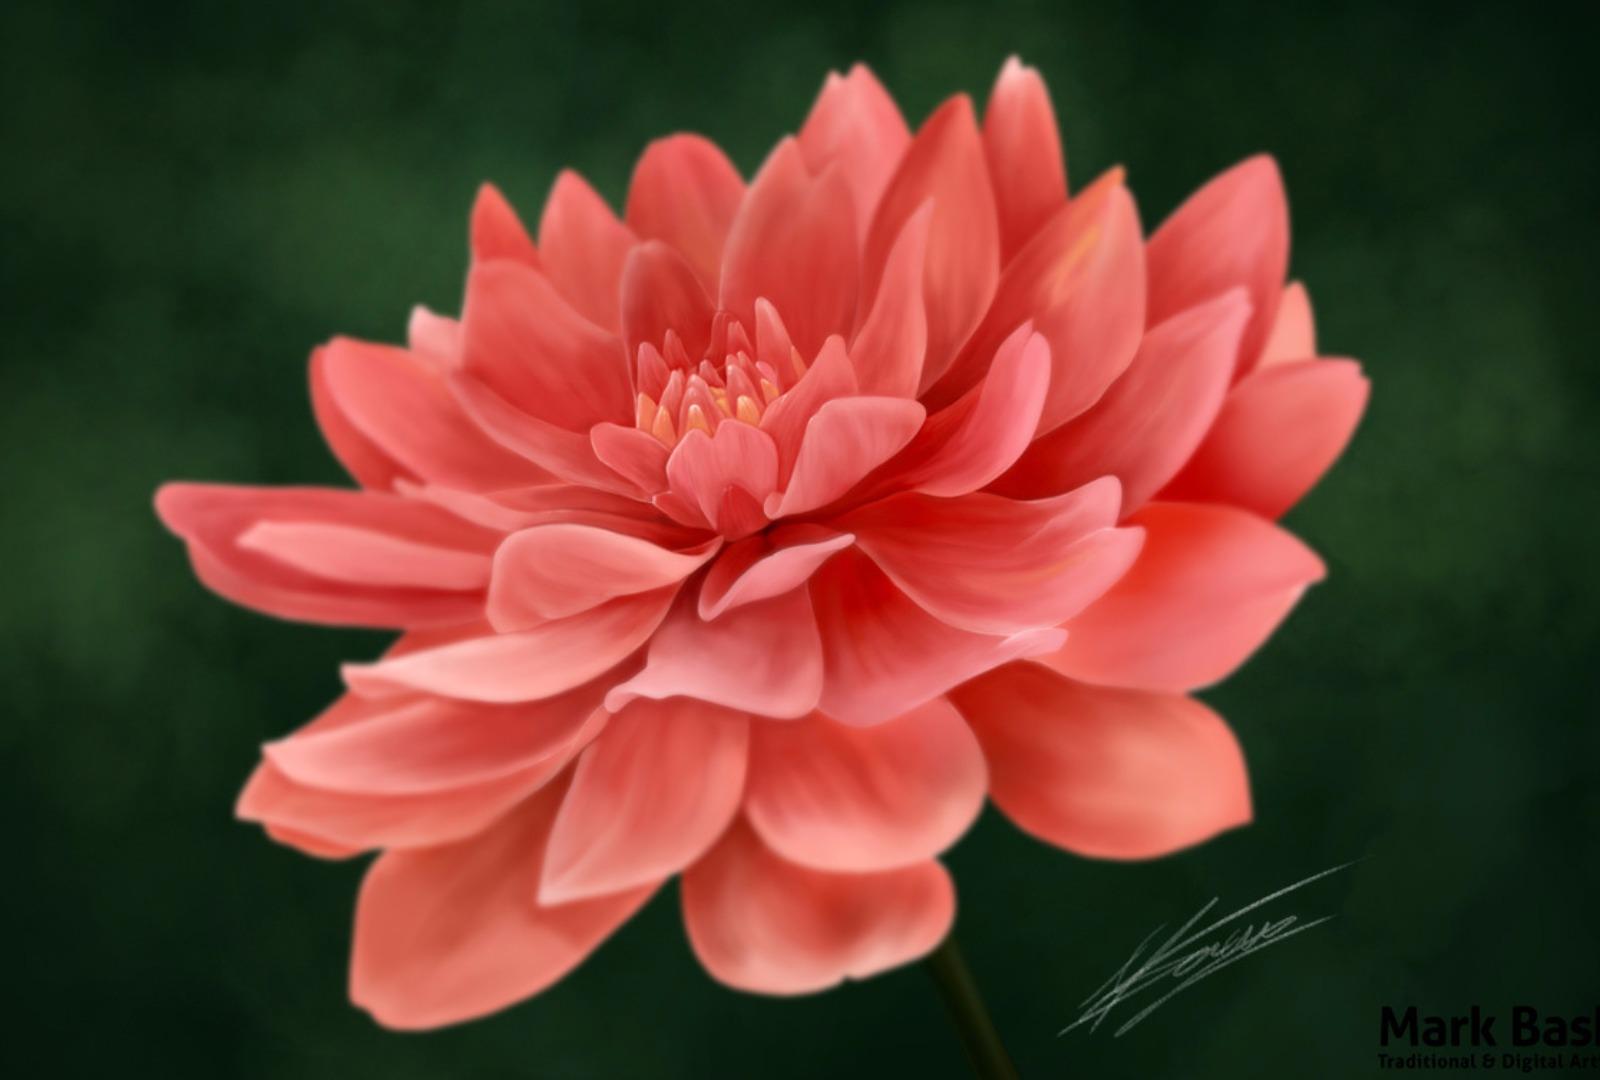 Tải ảnh hoa đẹp nhất thế giới về máy tính